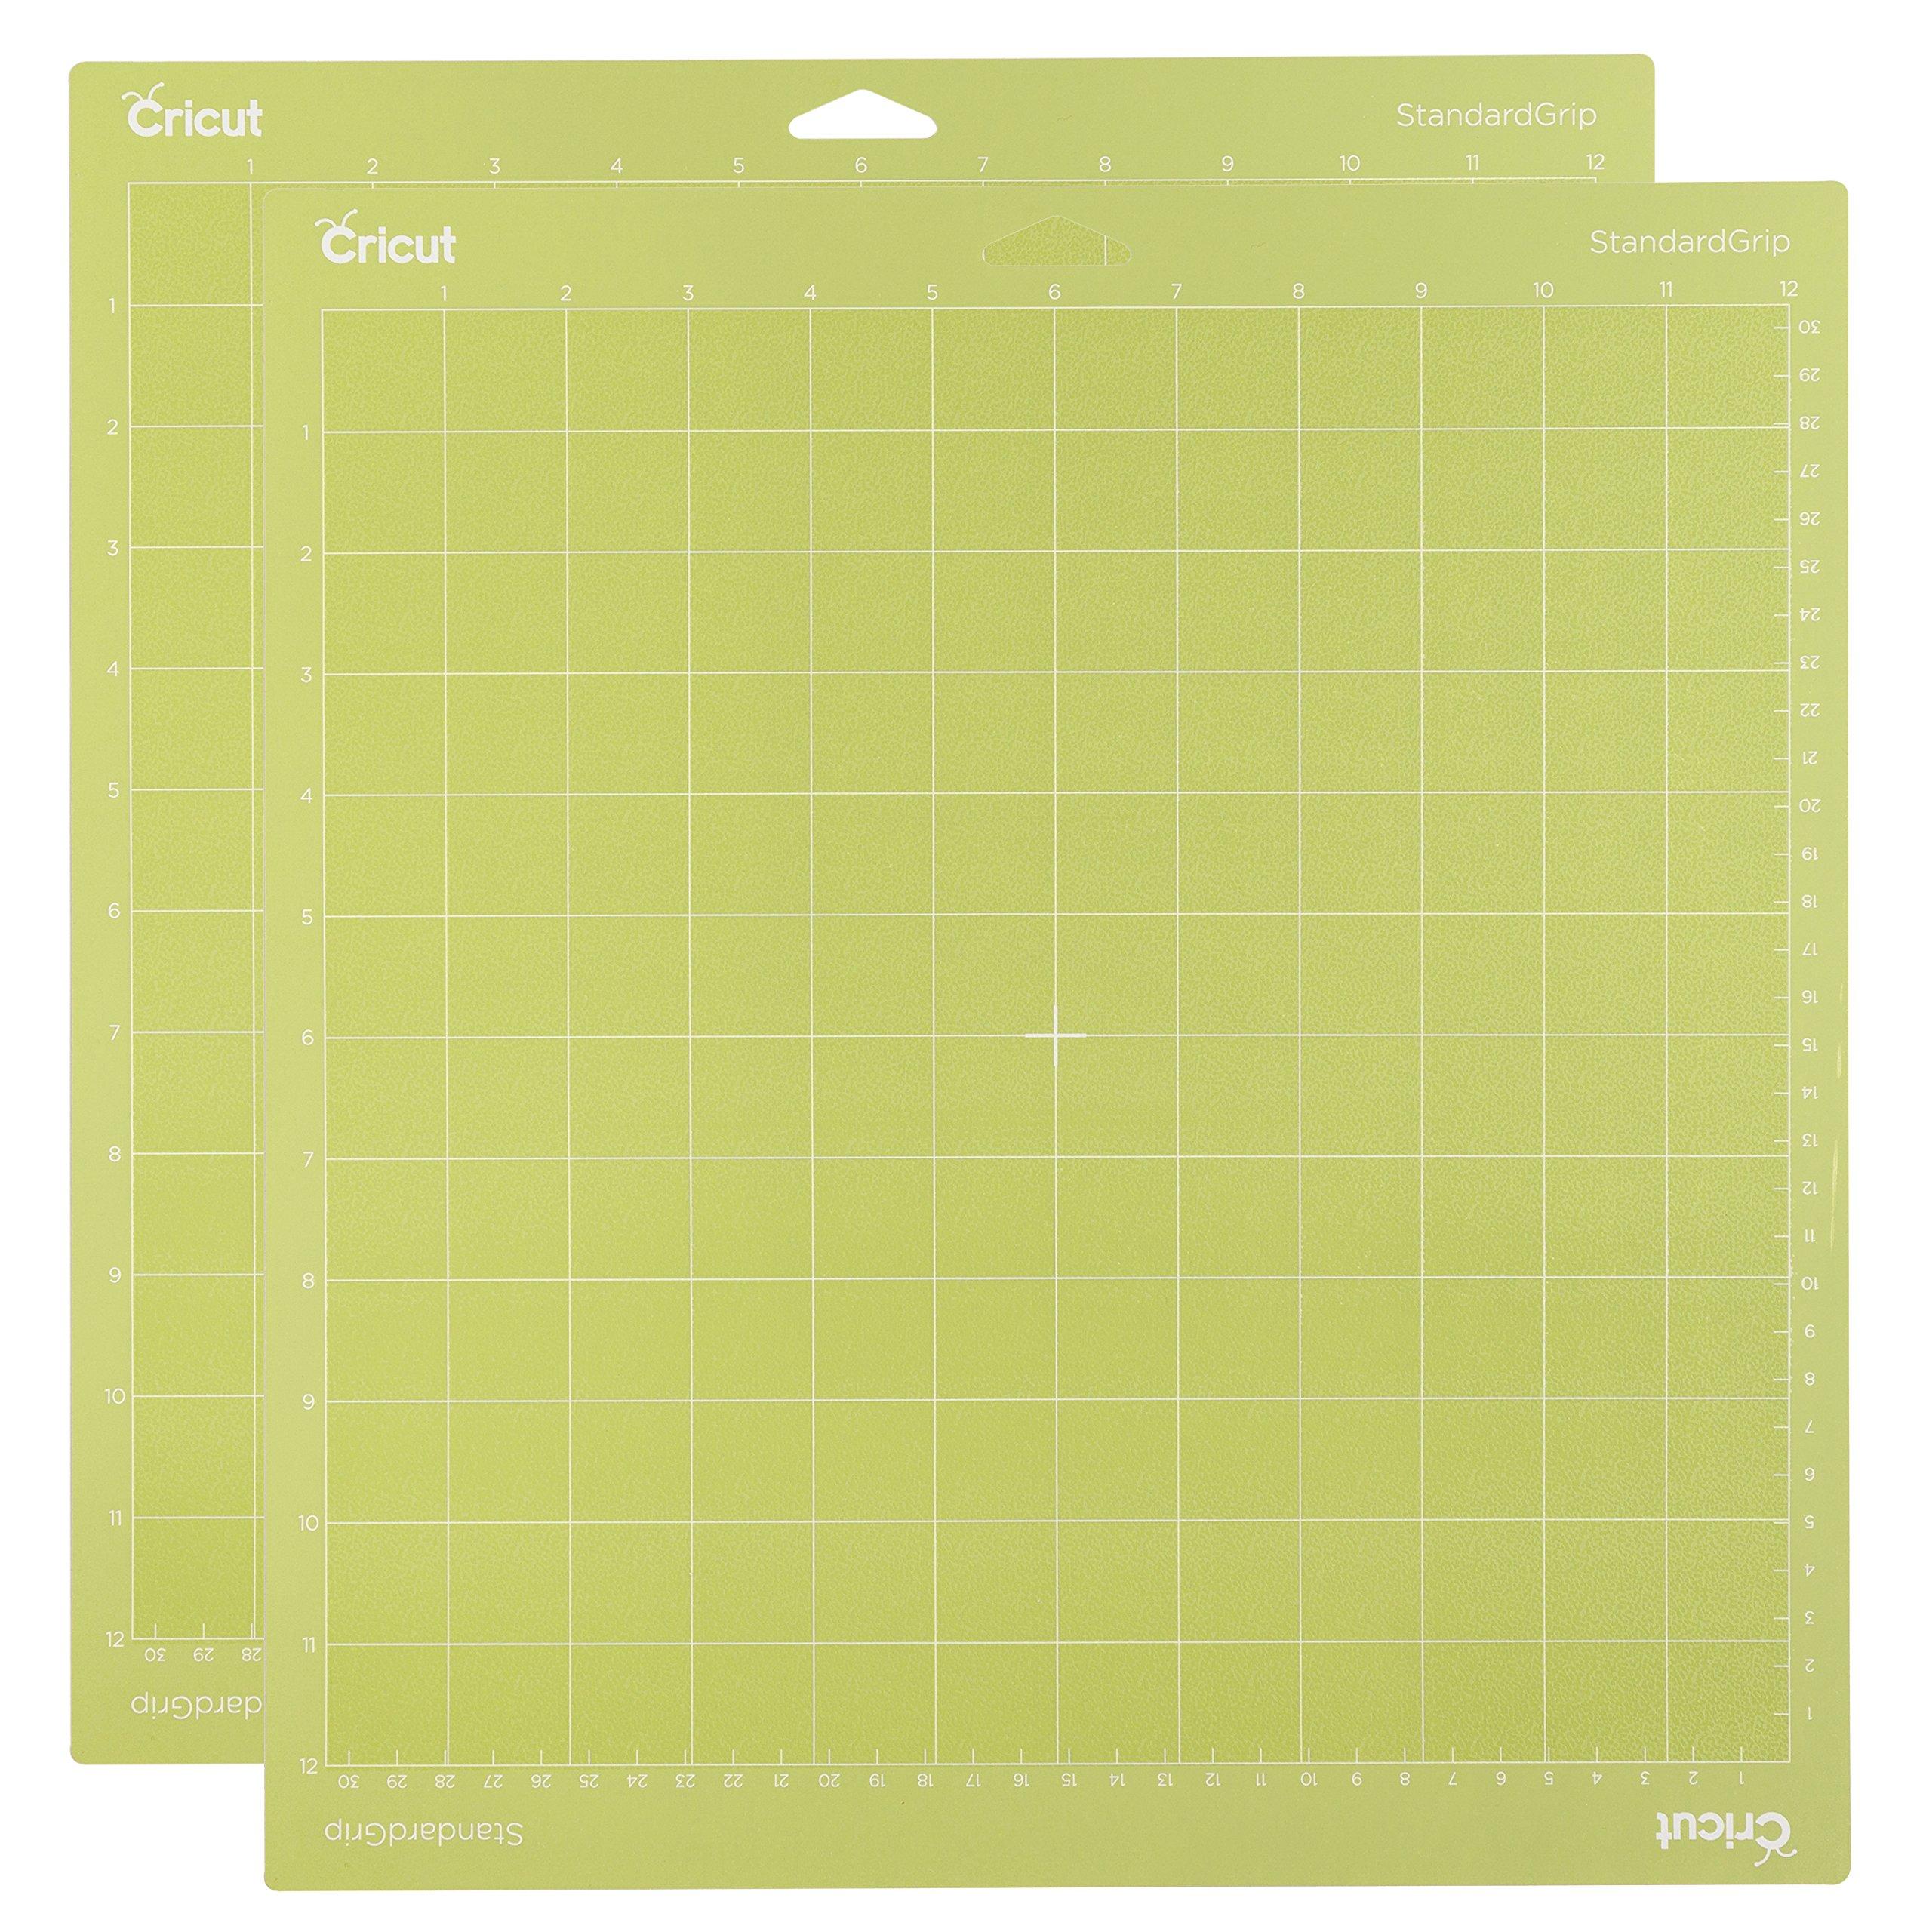 """Cricut Standard Grip Mat, 12""""x12"""", 2 Mats"""